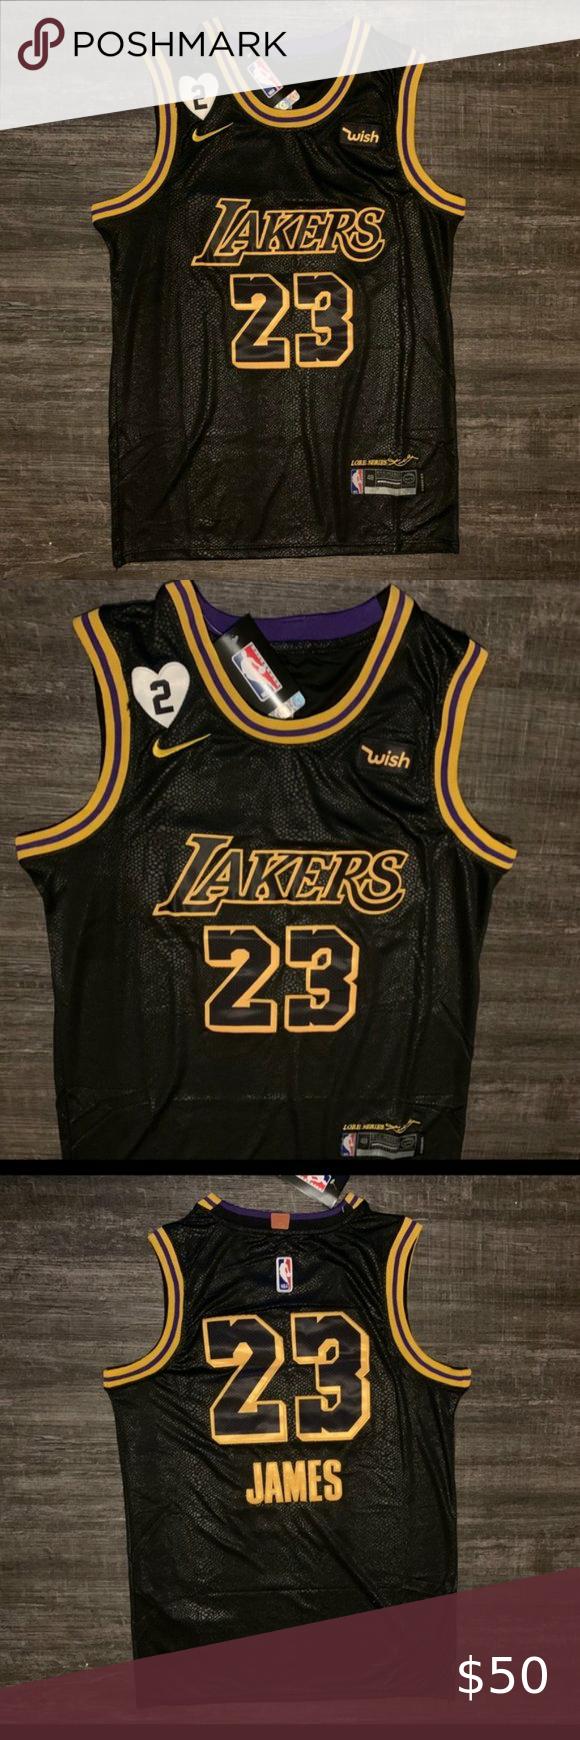 Lakers Lebron Black Mamba Jersey In 2020 New With Tags Nba Shirts Black Mamba